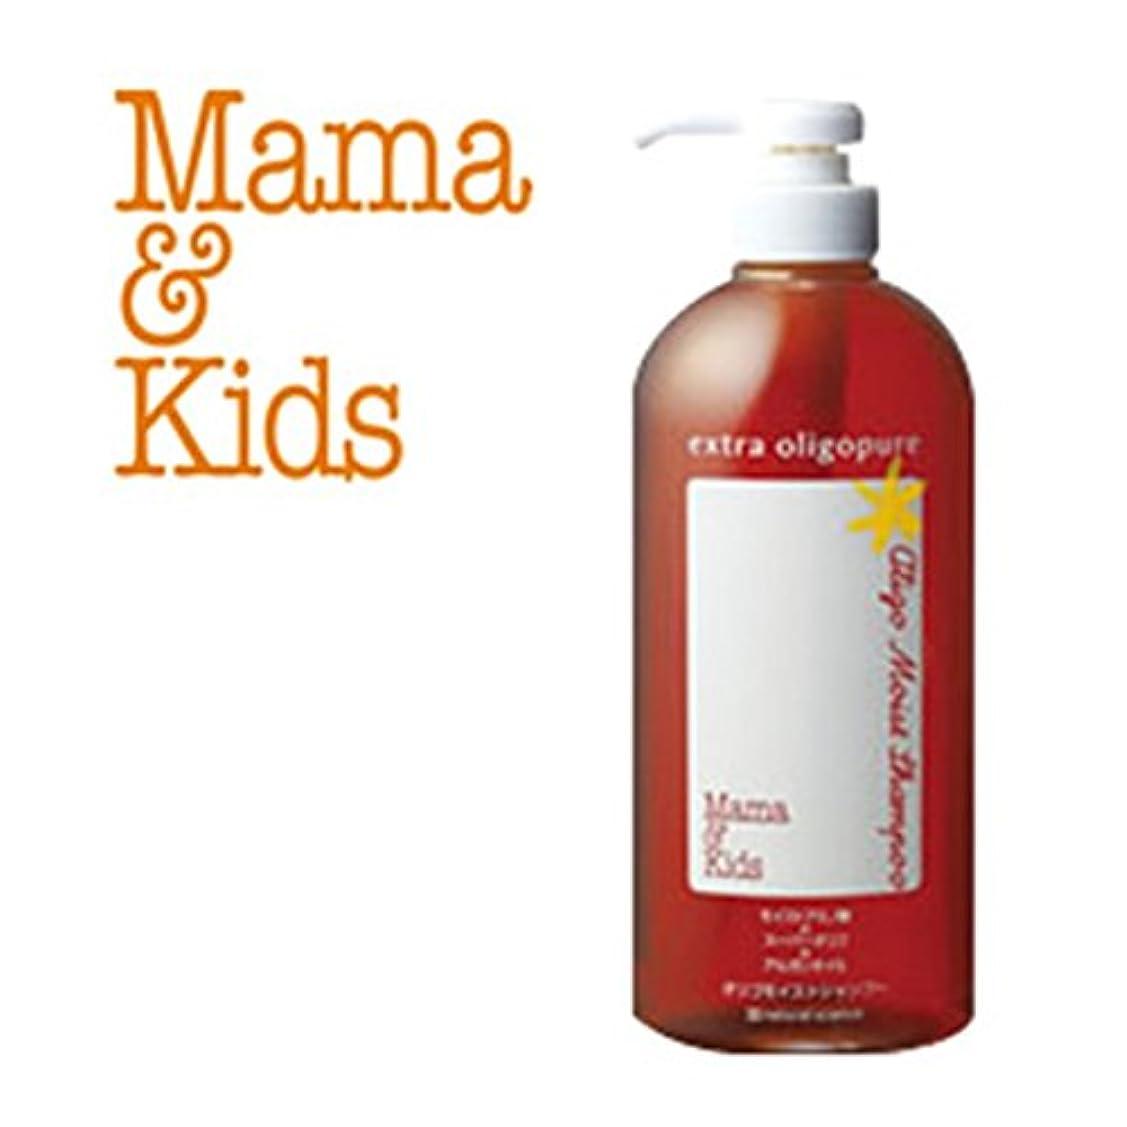 悔い改め半円つまずくママ&キッズ オリゴモイストシャンプー720ML/Mama&Kids Oligo Moist Shampoo/洗发水